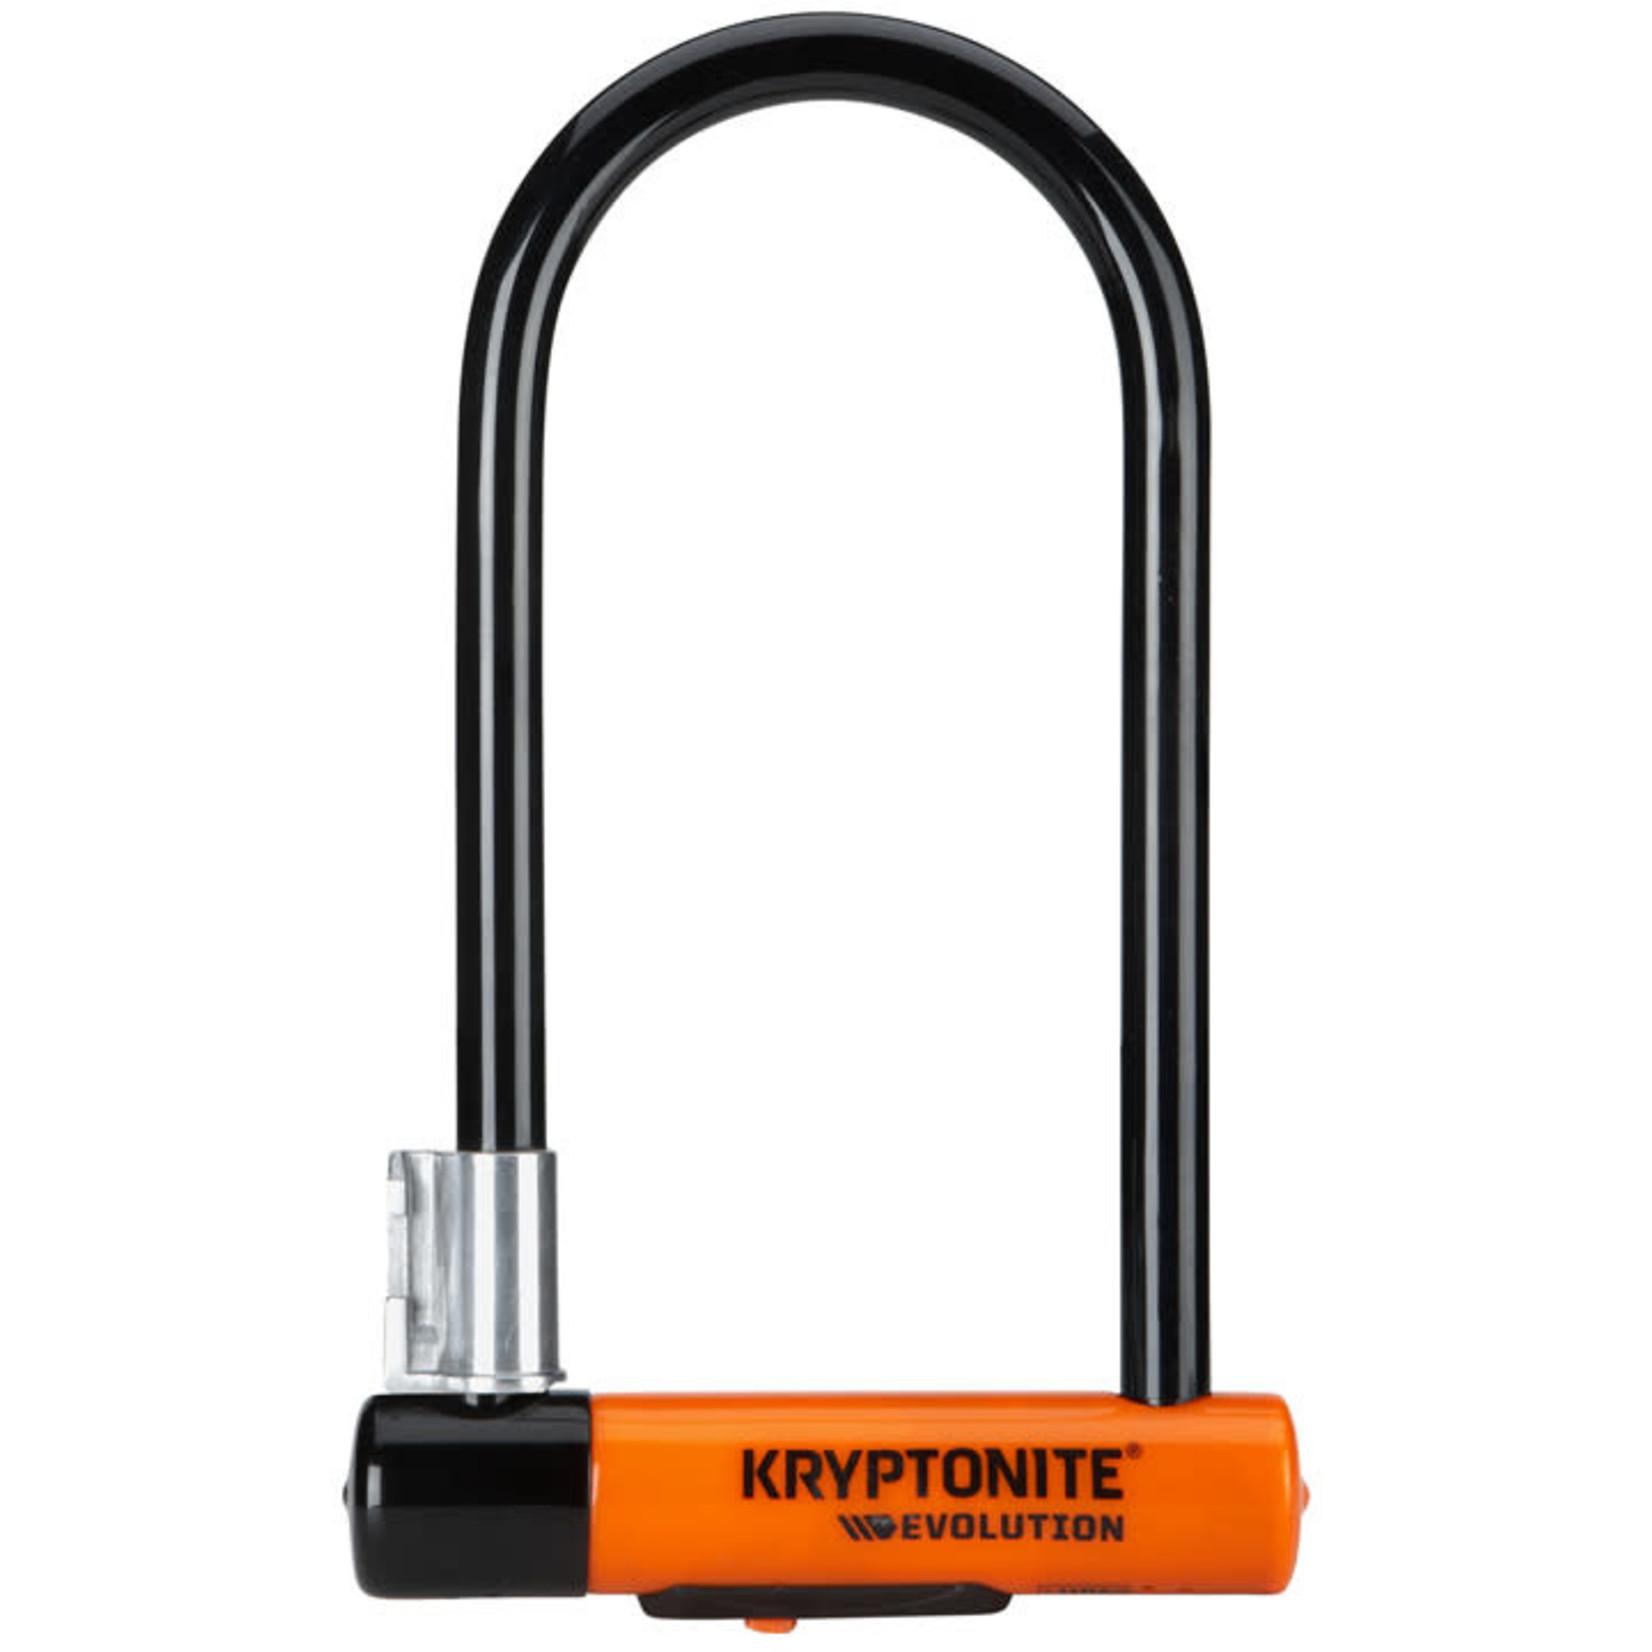 Kryptonite Kryptonite Evolution STD U-Lock